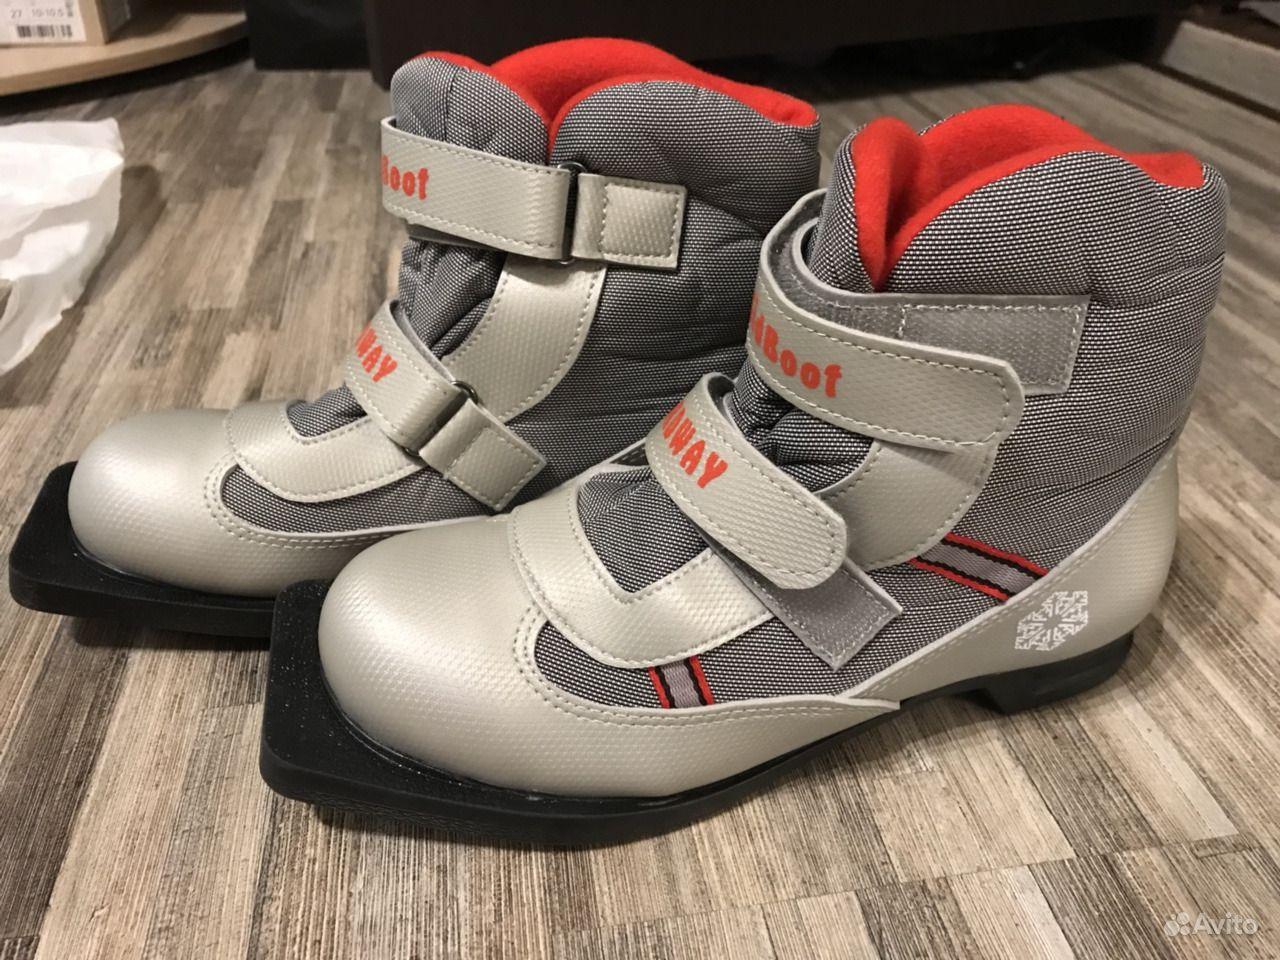 Лыжные ботинки детские унисекс 36-37 размер   Festima.Ru ... 012dccecd7c